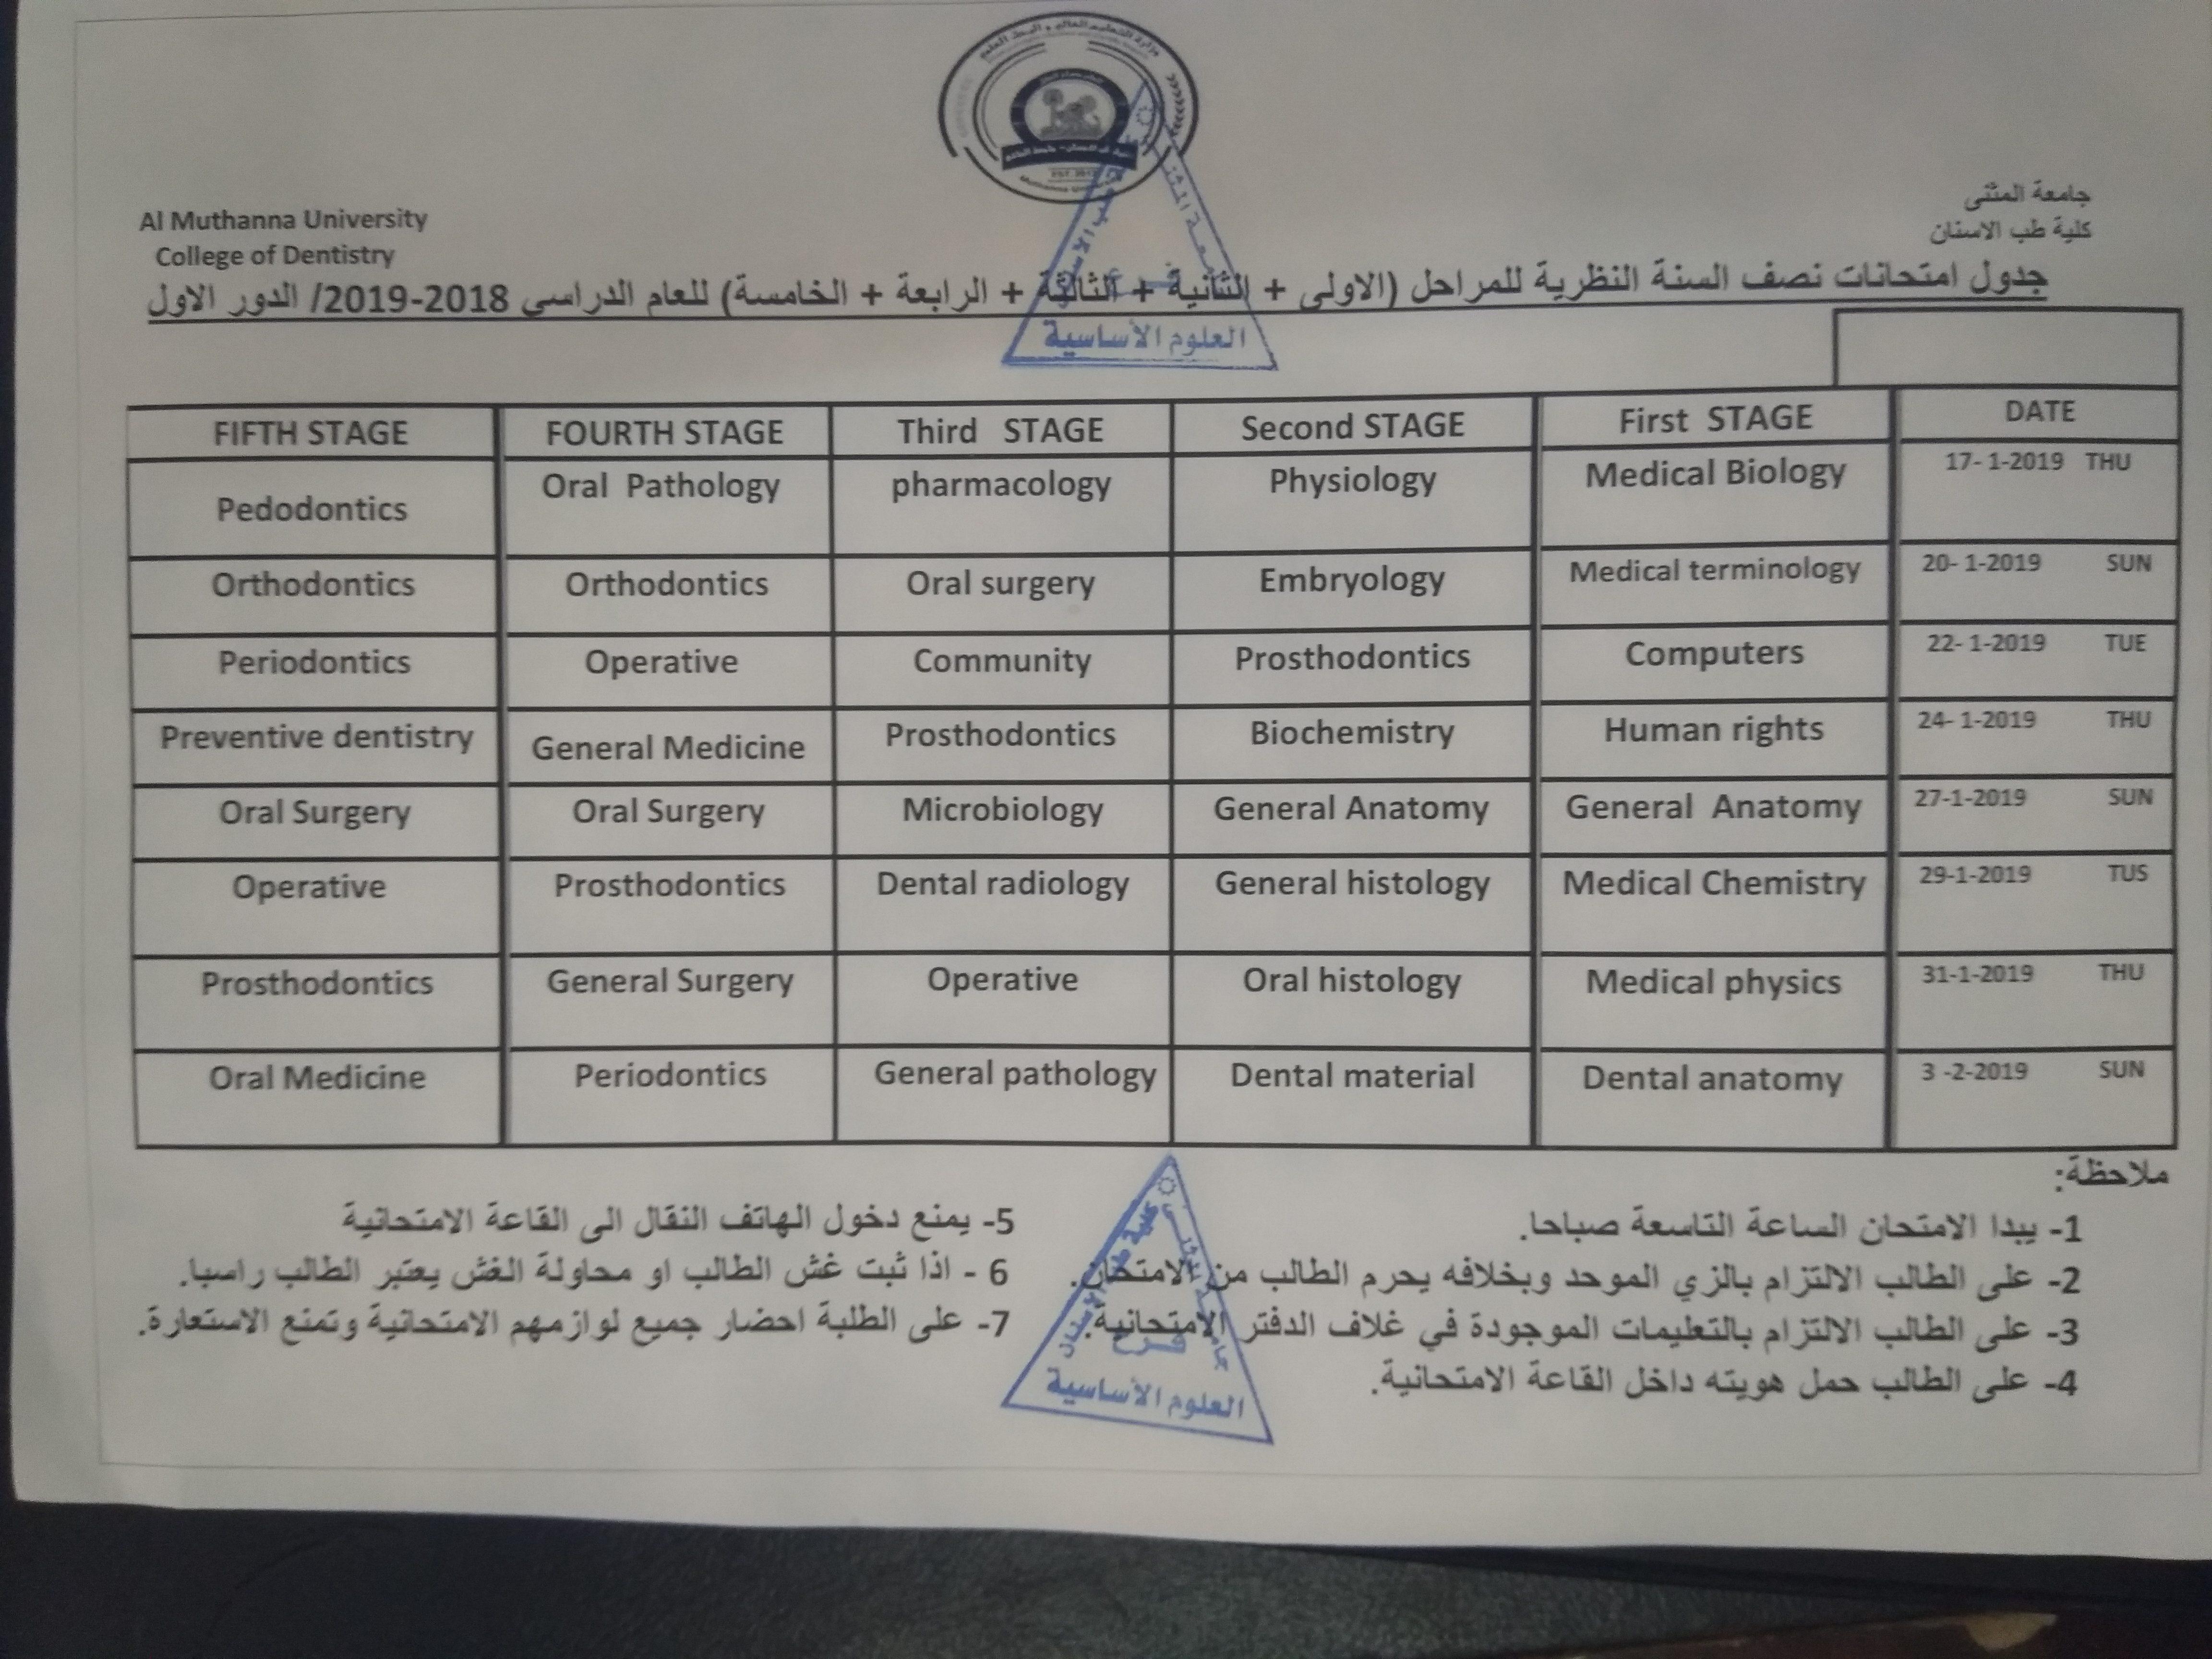 جدول الامتحانات لنصف السنة  للعام الدراسي 2018-2019 لجميع المراحل